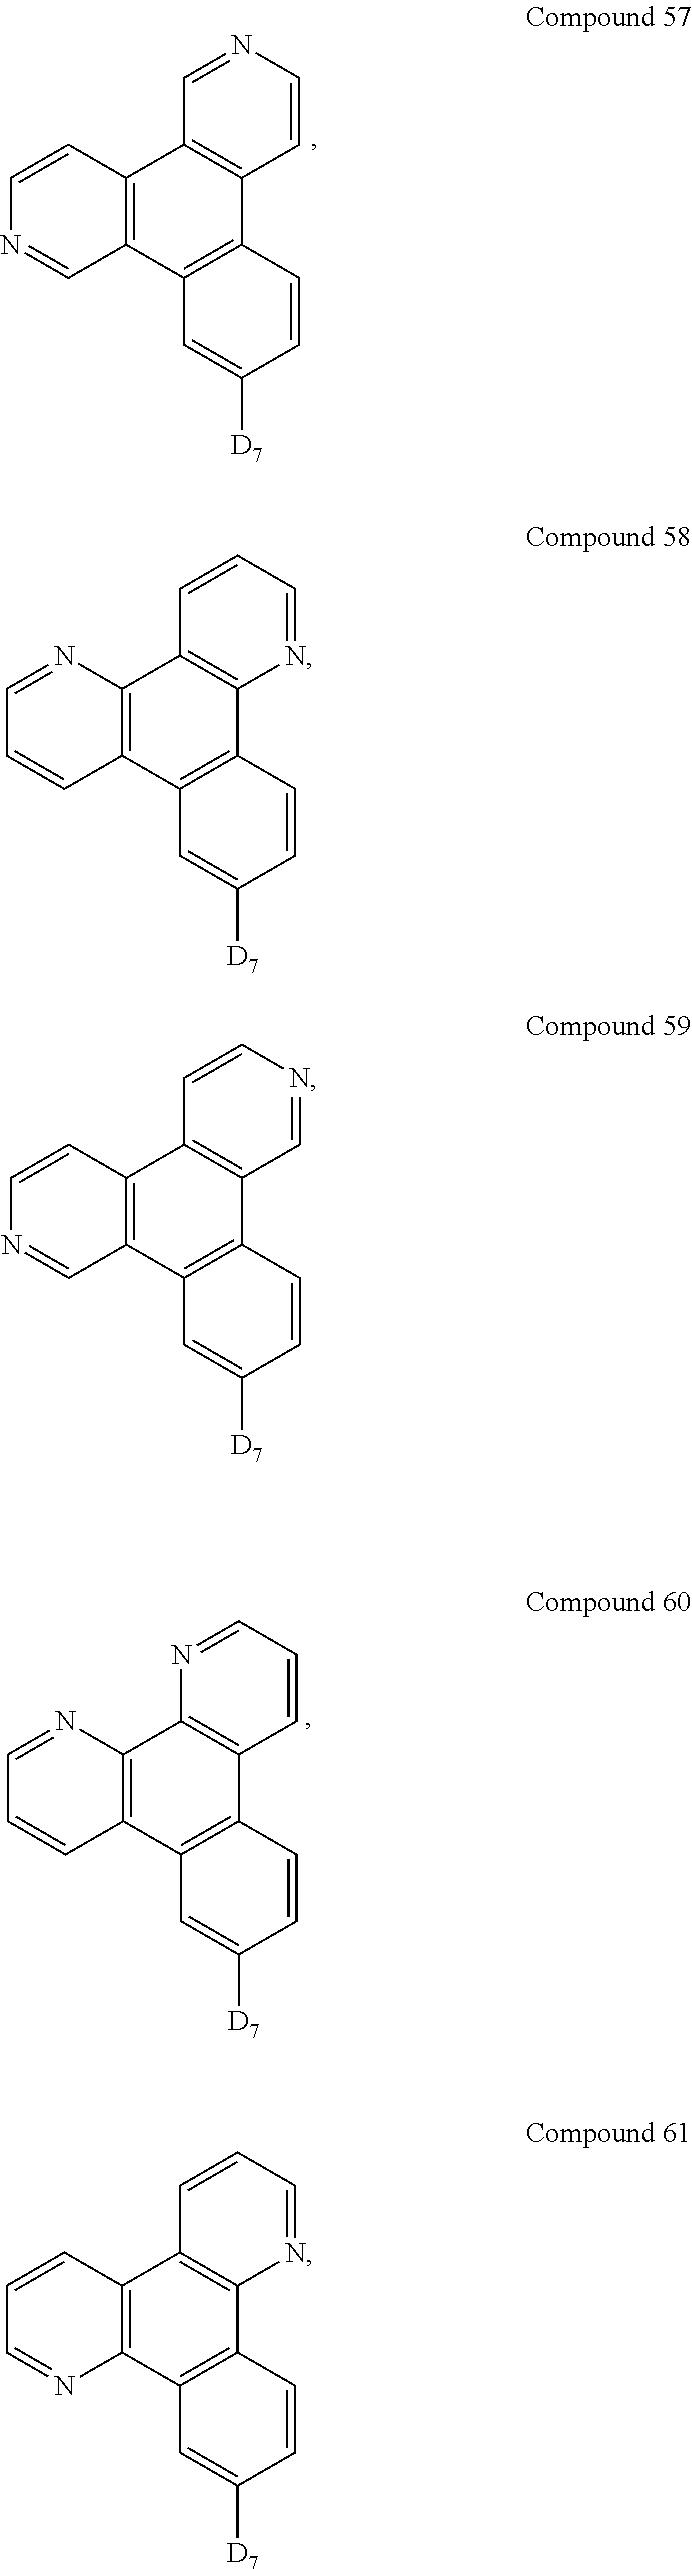 Figure US09537106-20170103-C00064